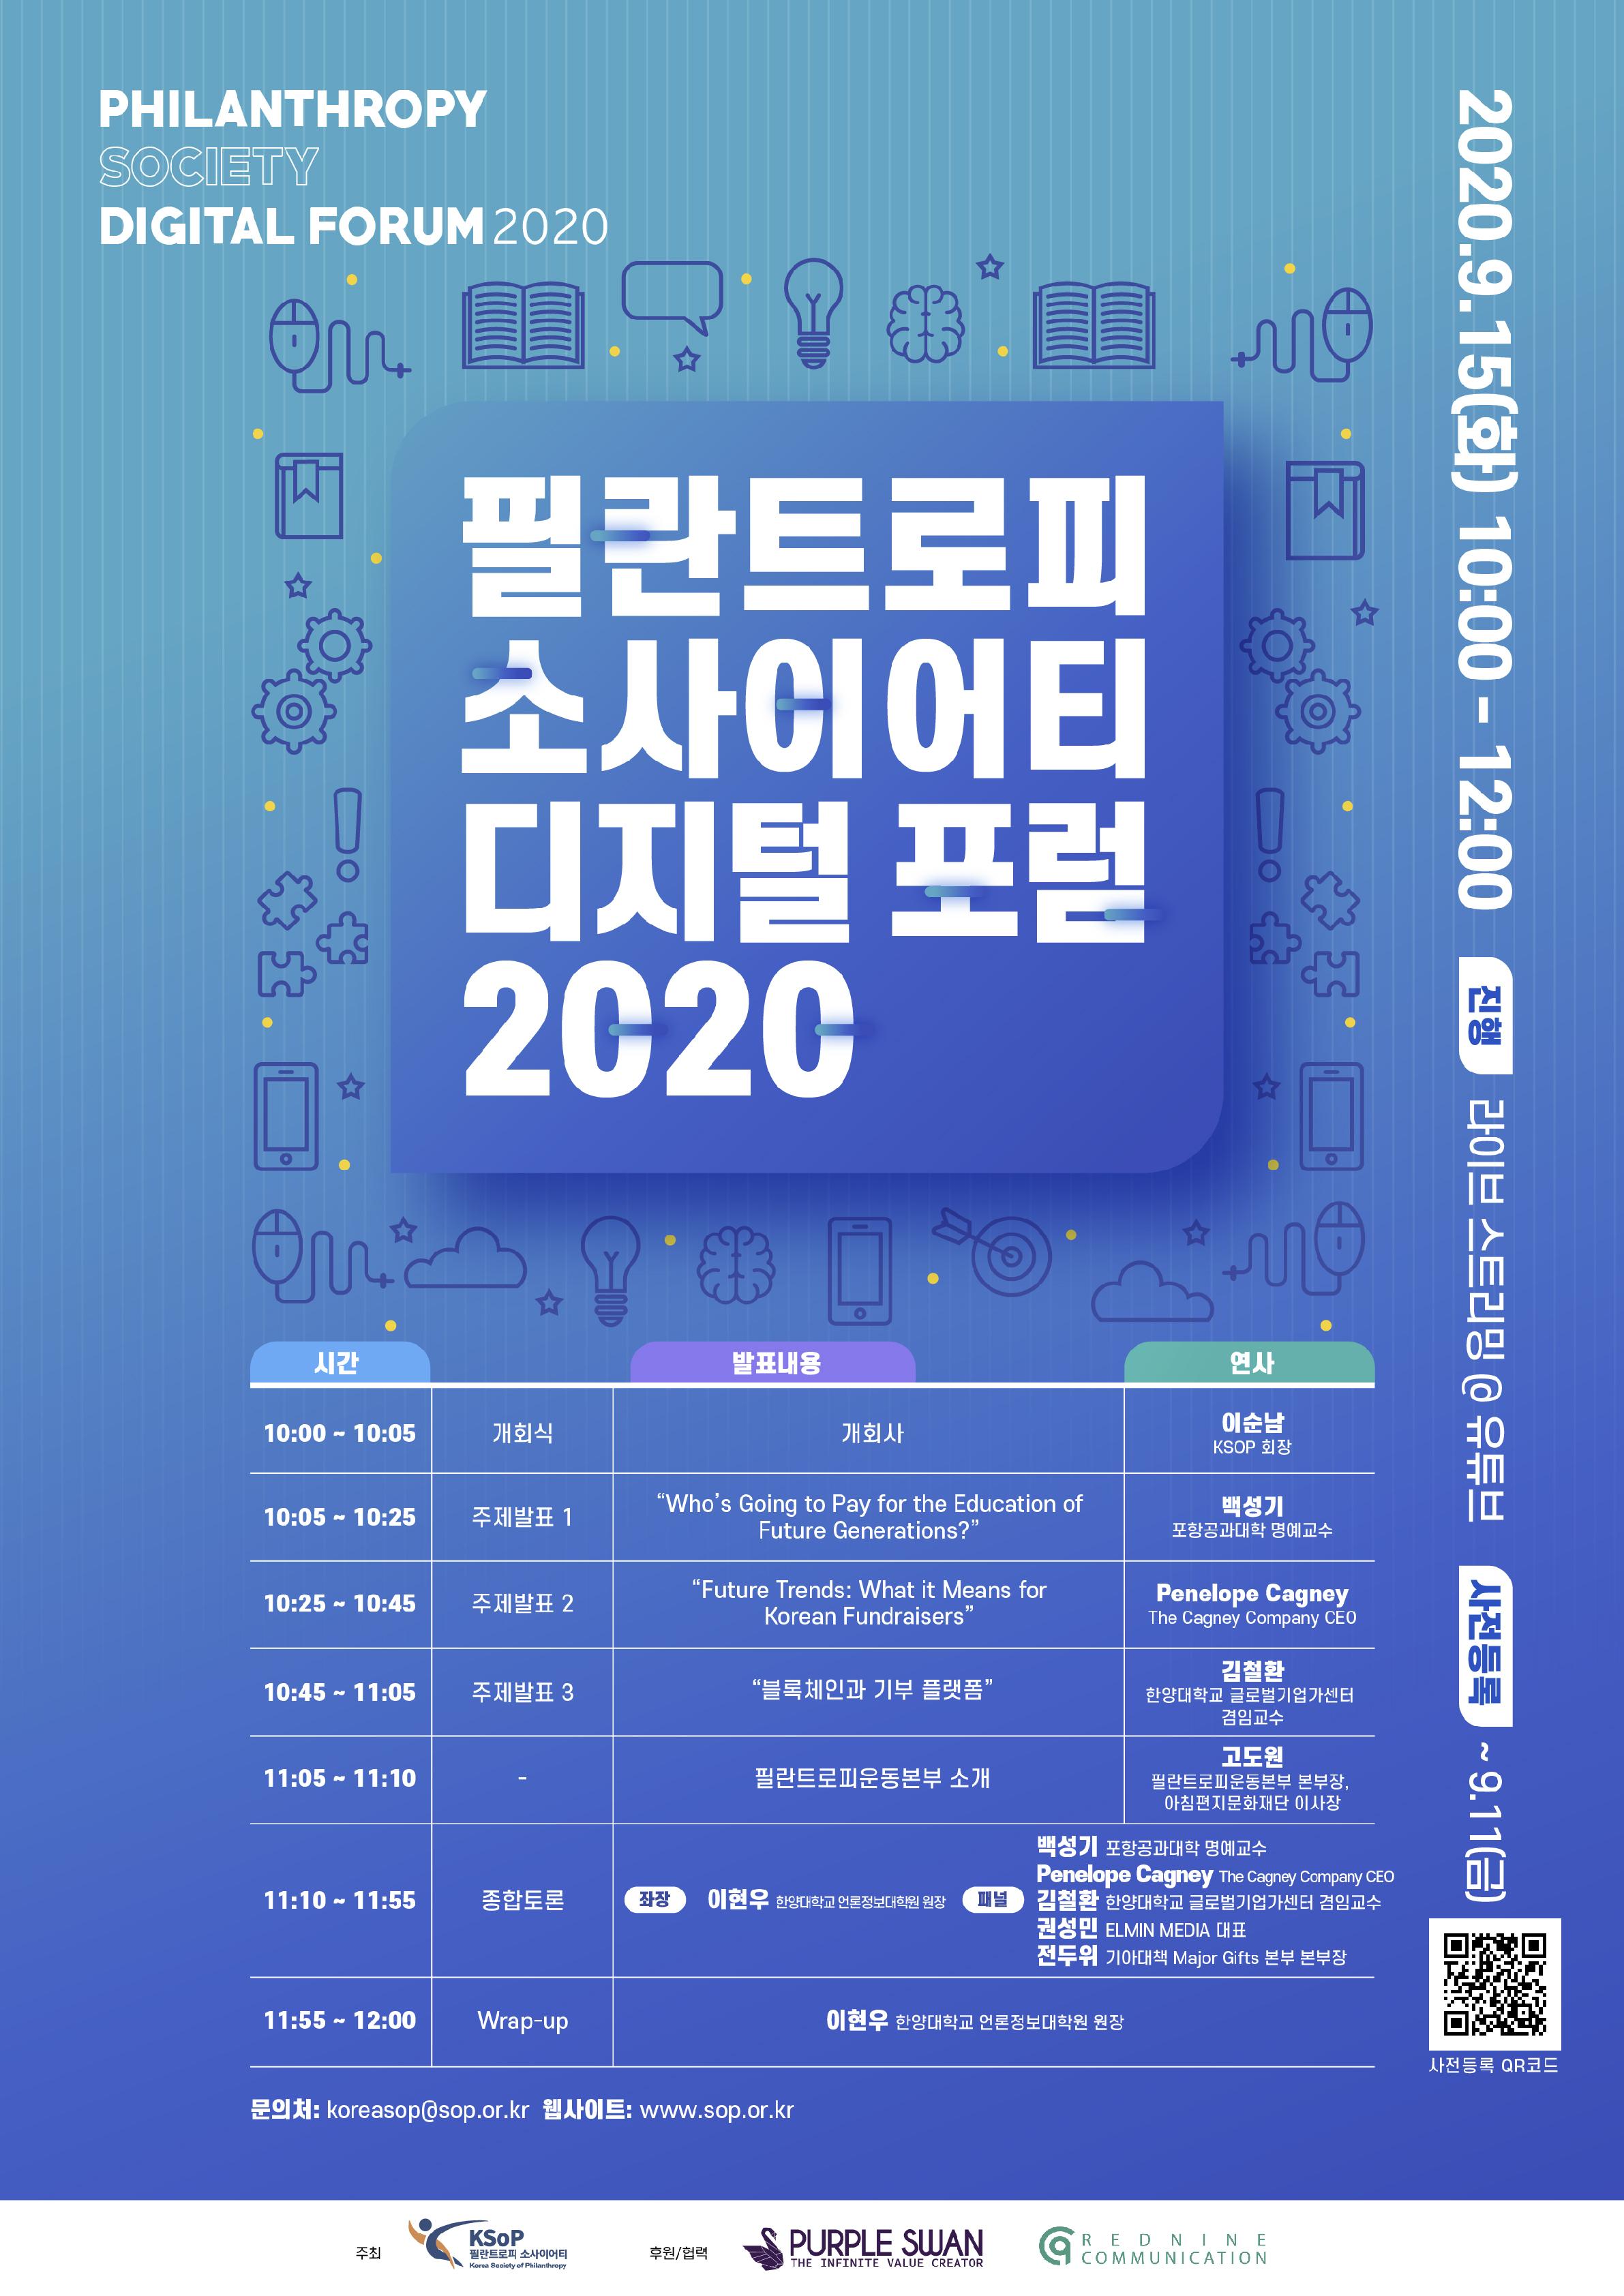 필란트로피 소사이어티 디지털 포럼 2020 포스터.jpg